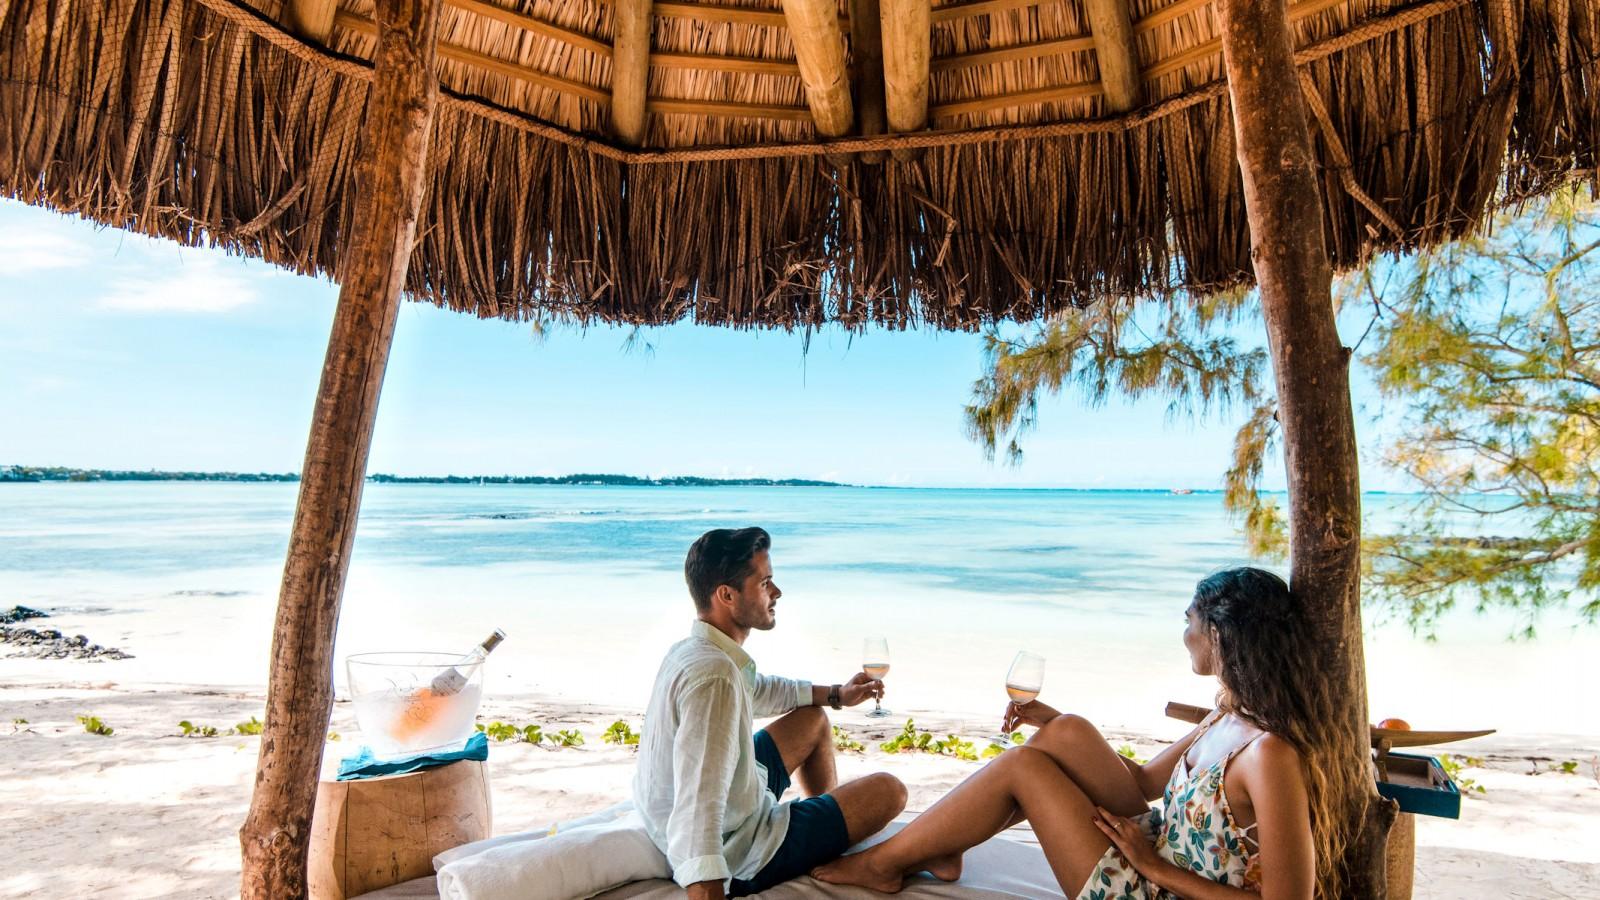 Beach Cabana Shangri-La Le Touessrok